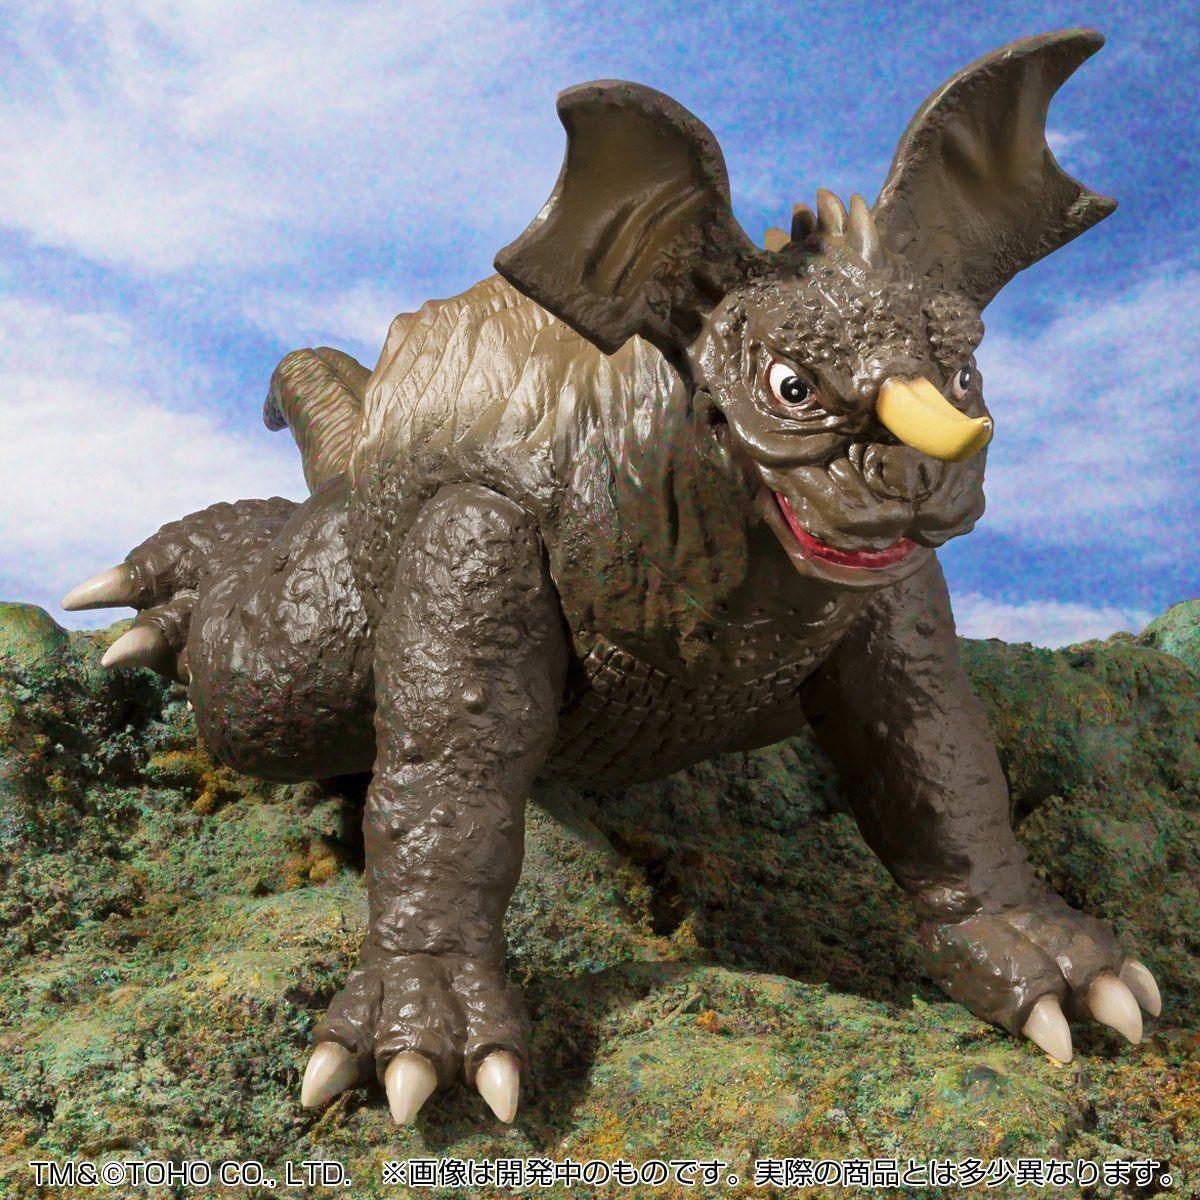 怪獣番外地『地底怪獣バラゴン』ソフビ フィギュア-006